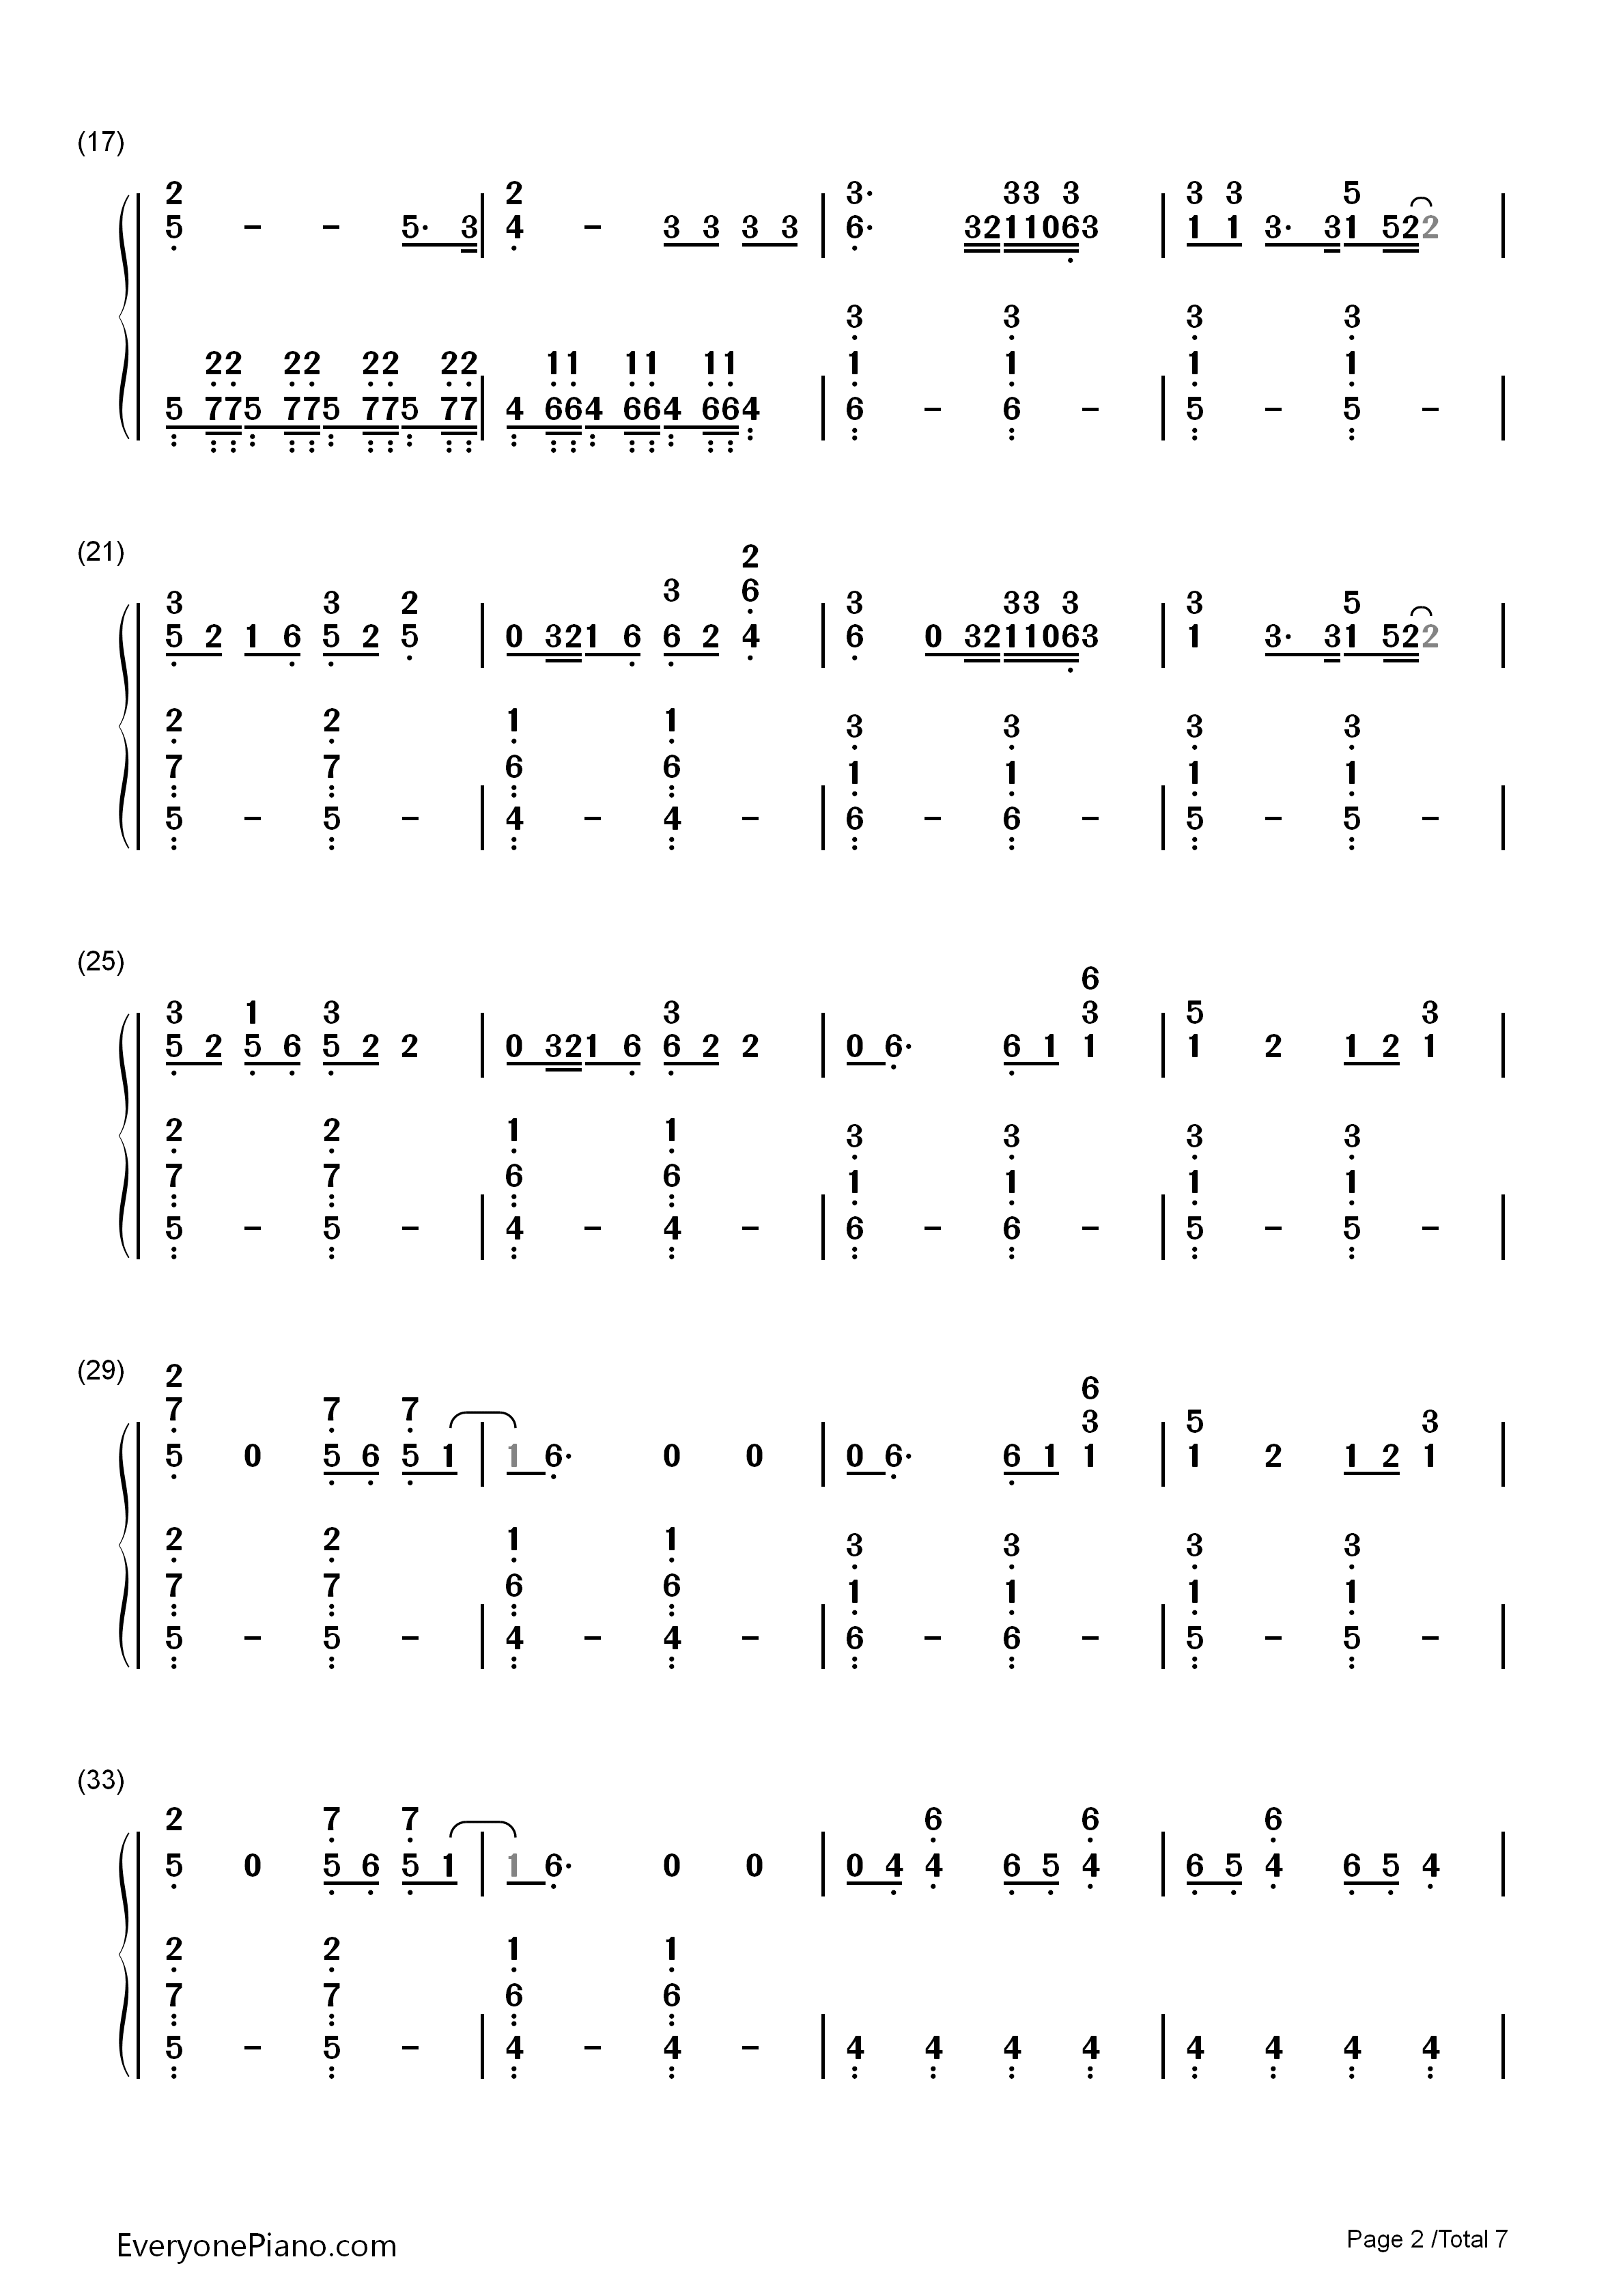 凉凉钢琴数字简谱双手-countingstars璋愰煶